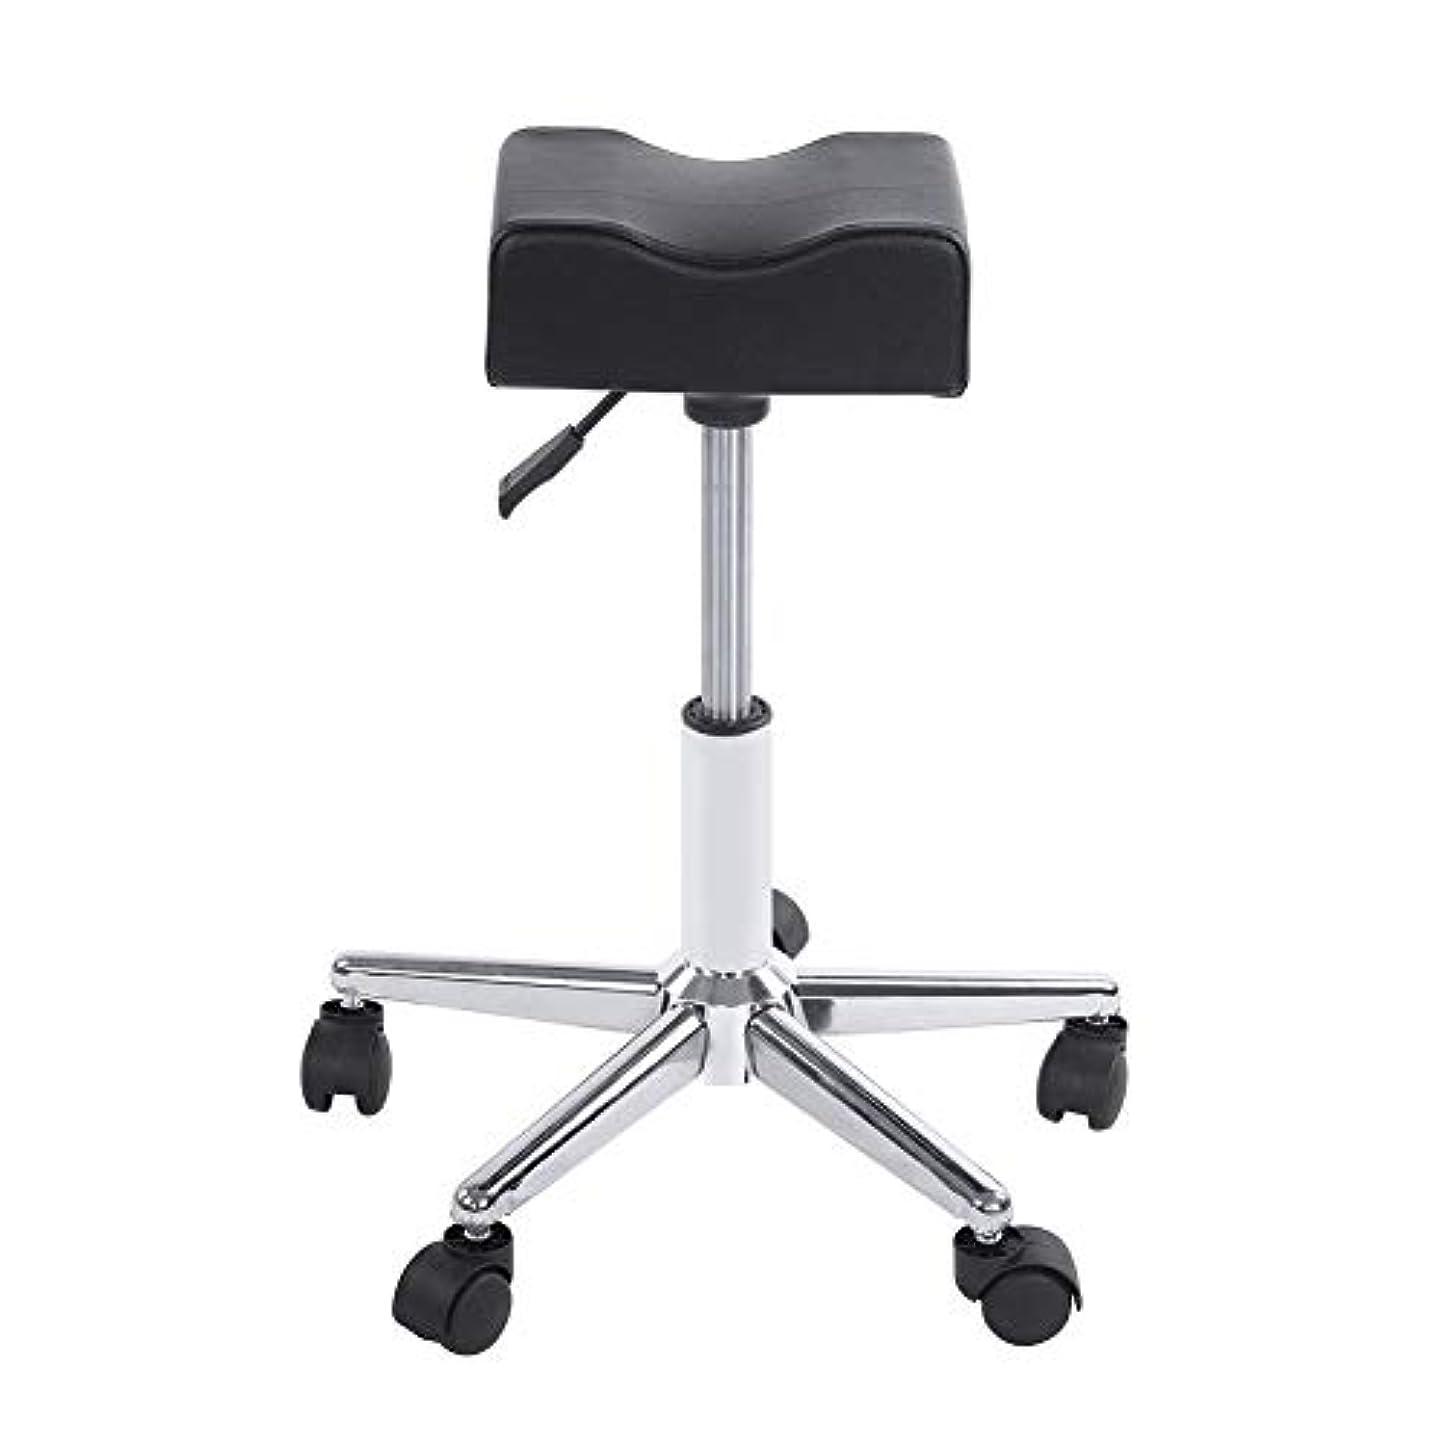 乱す打倒想起ローリングスツール、高さ調節可能な回転椅子ネイルショップスツールチェア、サロンマッサージ、タトゥー、スパ用の快適なPuレザークッションシート